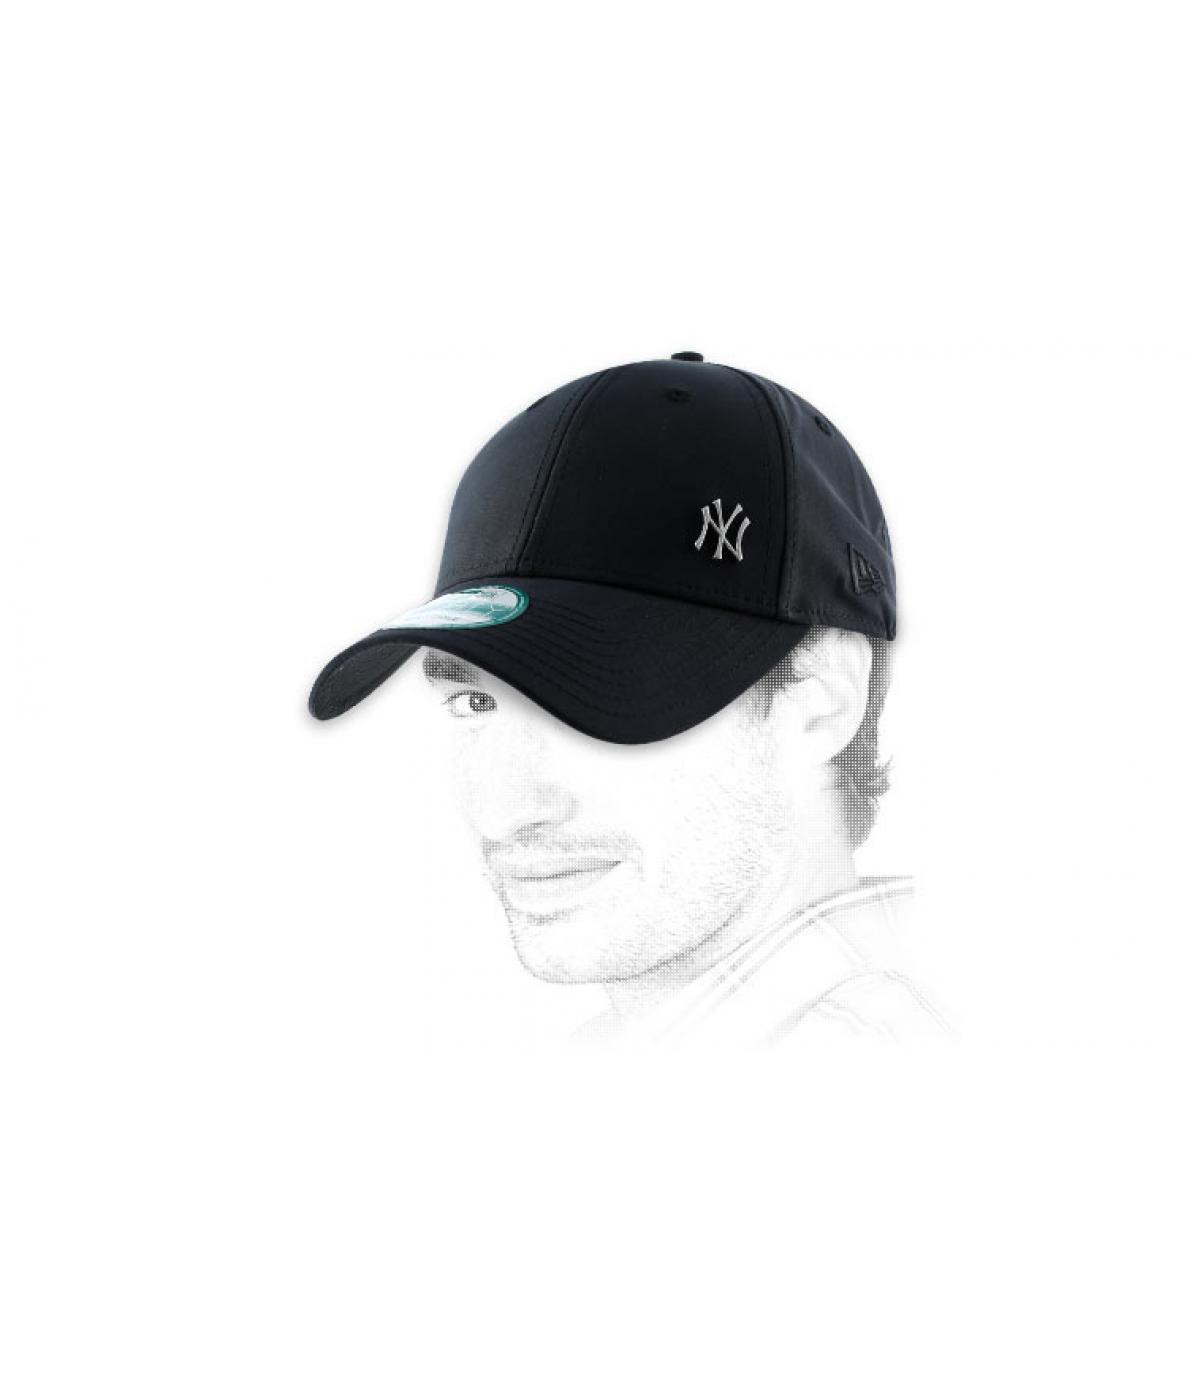 NY berretto nero piccolo logo